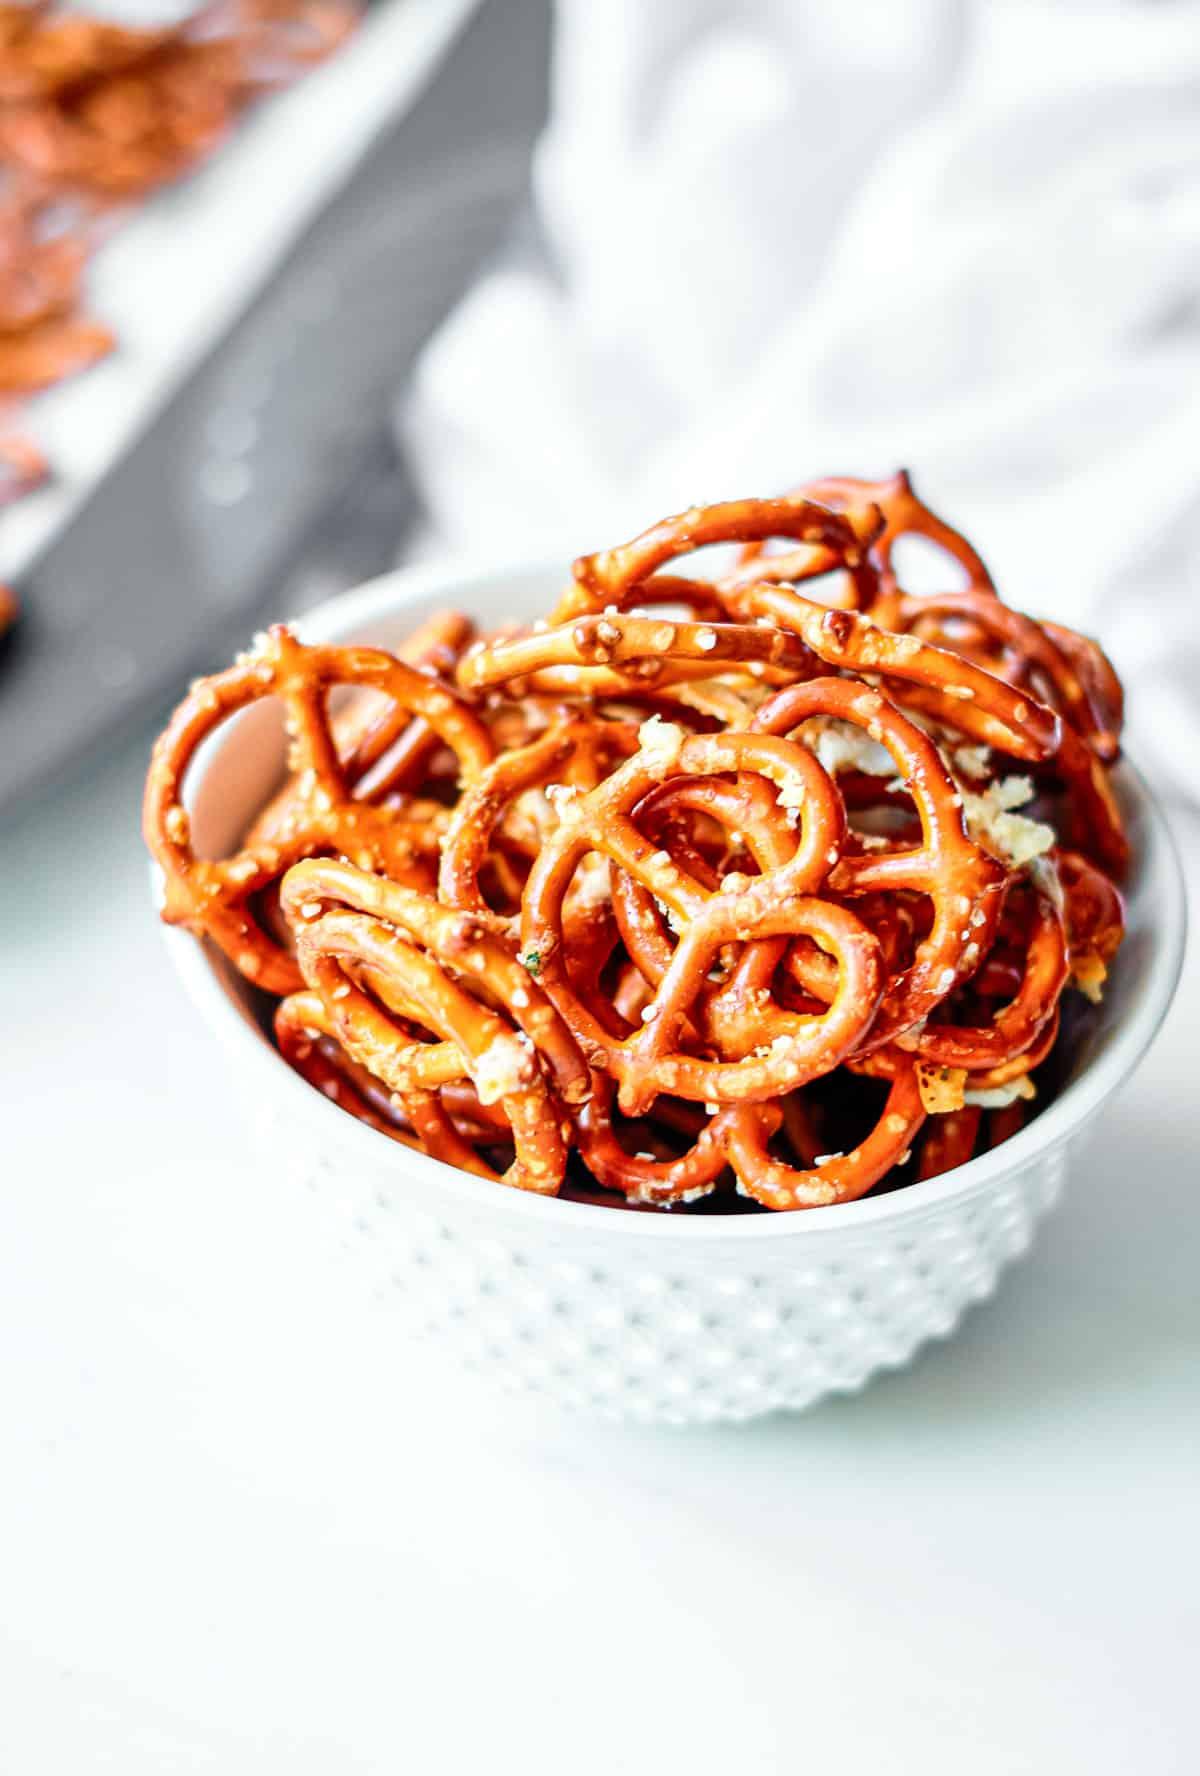 close up of a bowl of seasoned ranch pretzels